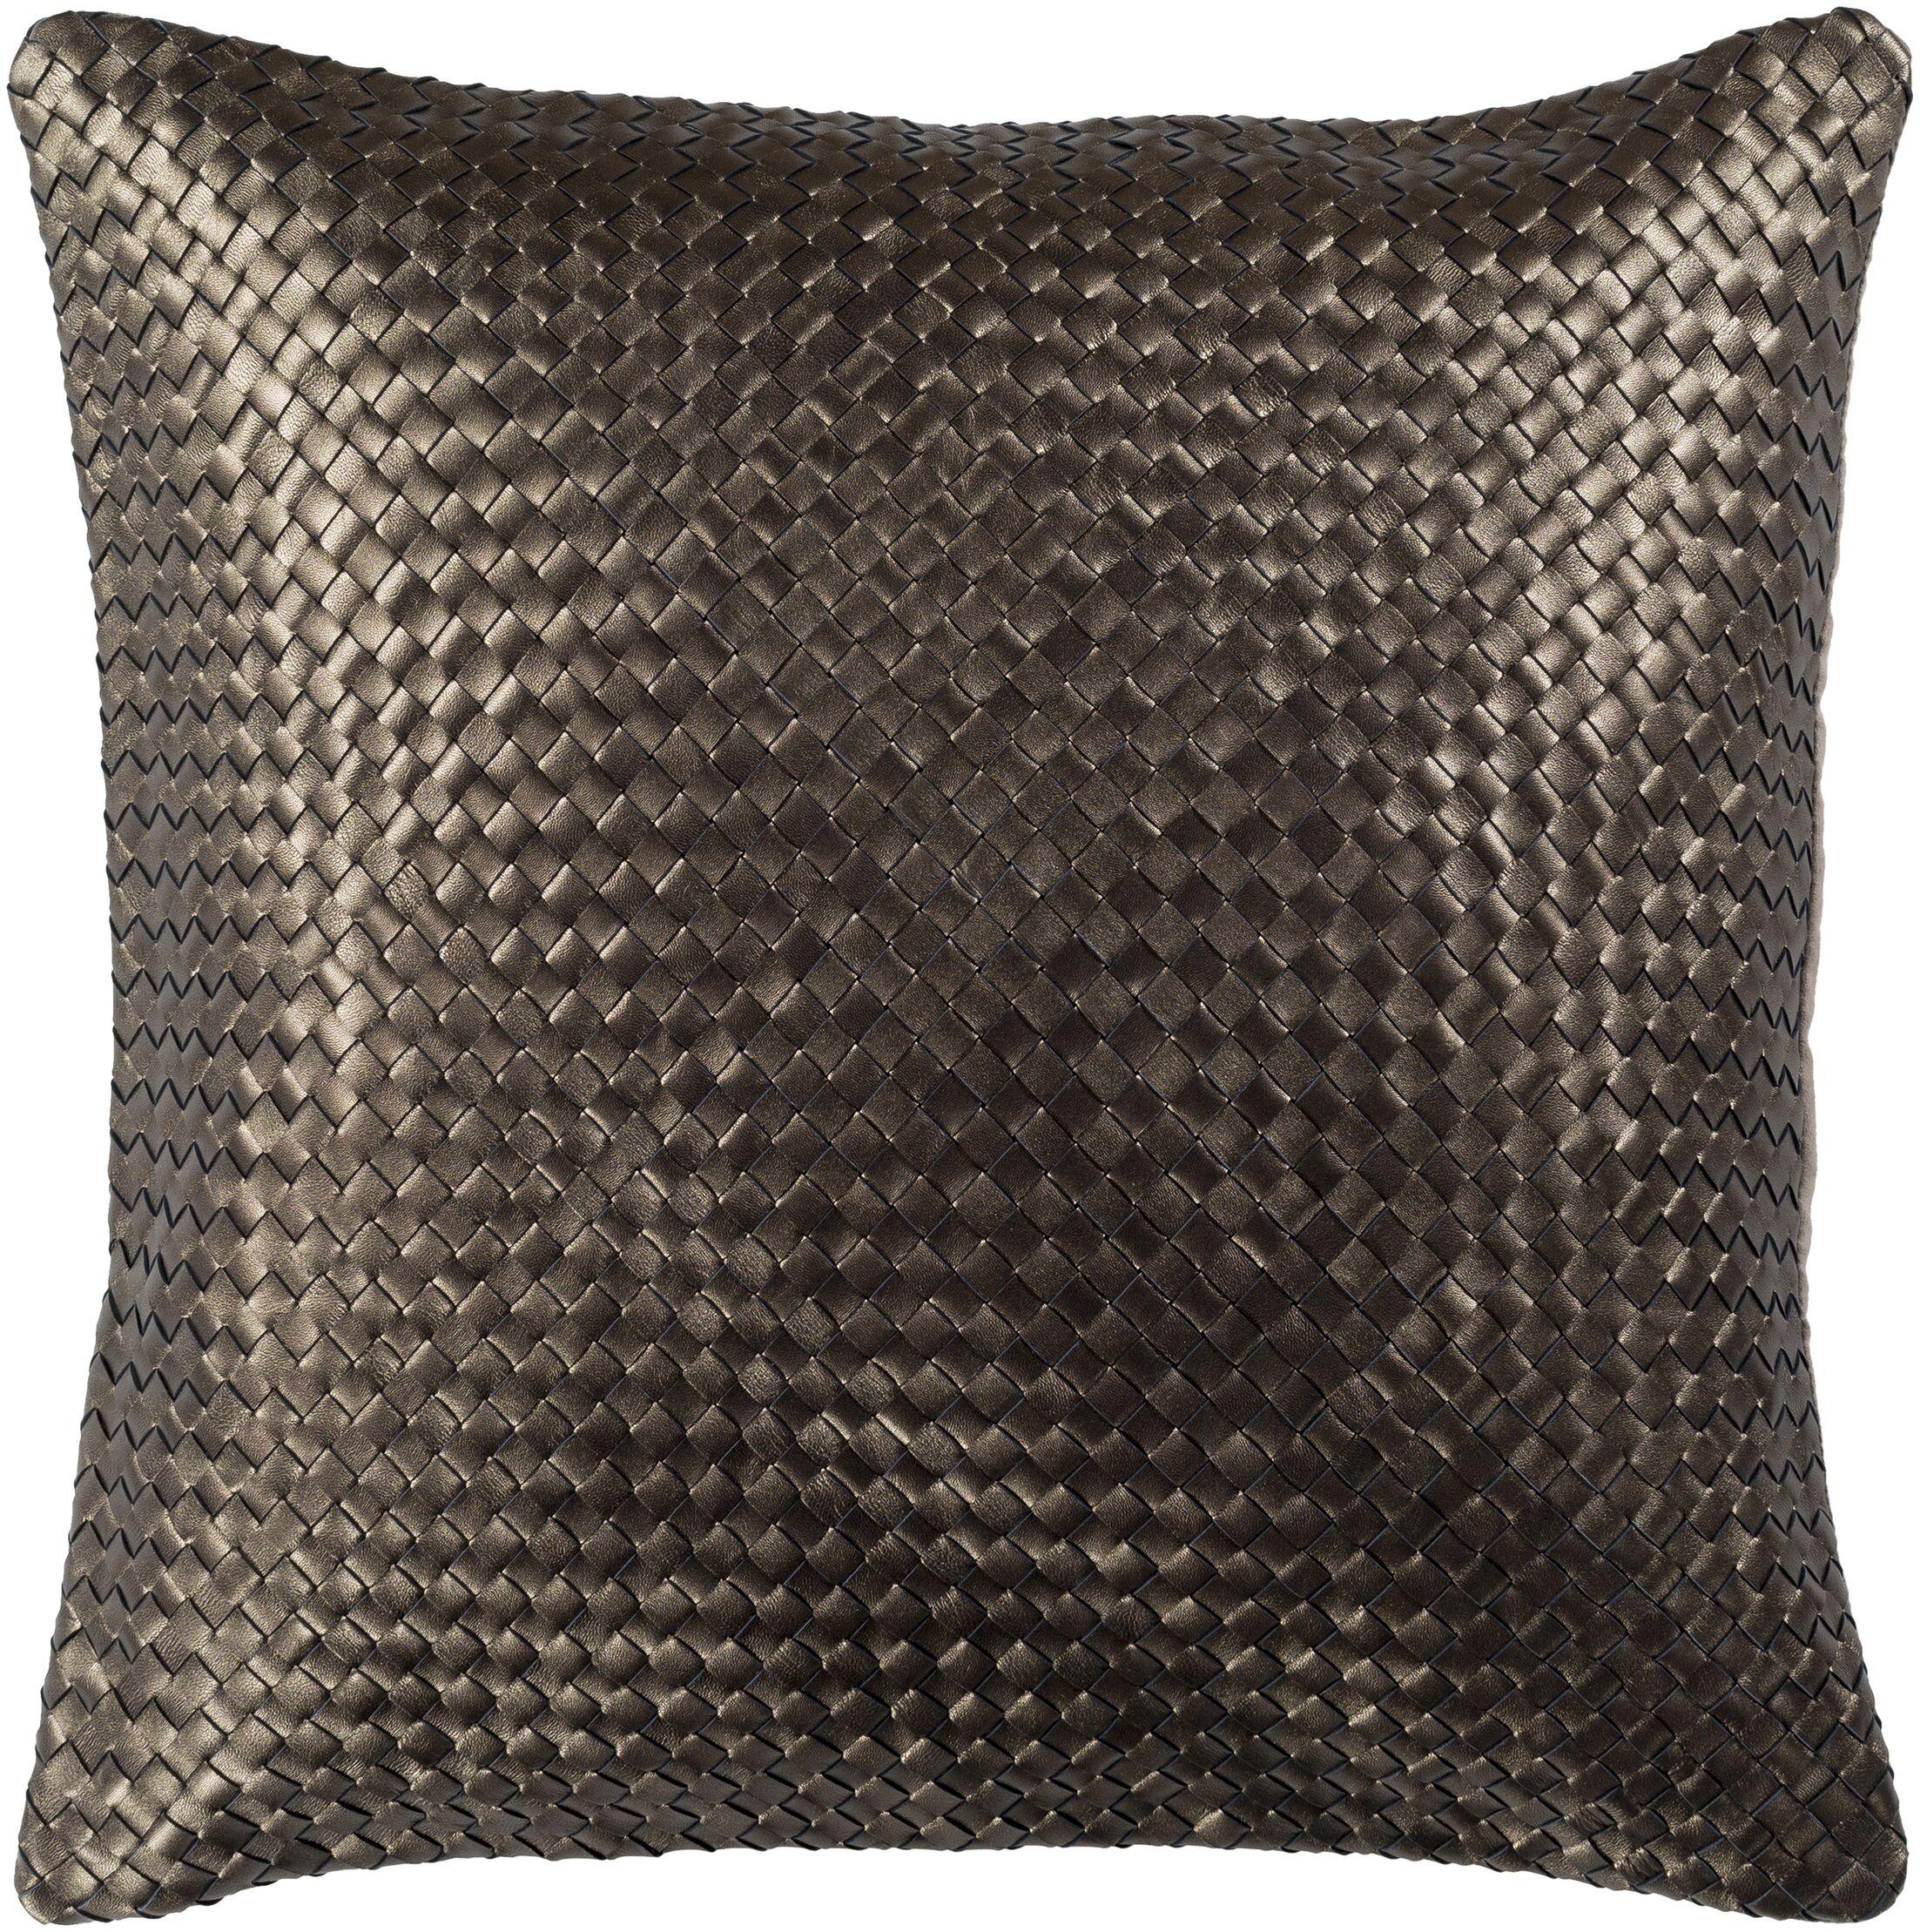 Sherlene Pillow Cover Color: Dark Brown